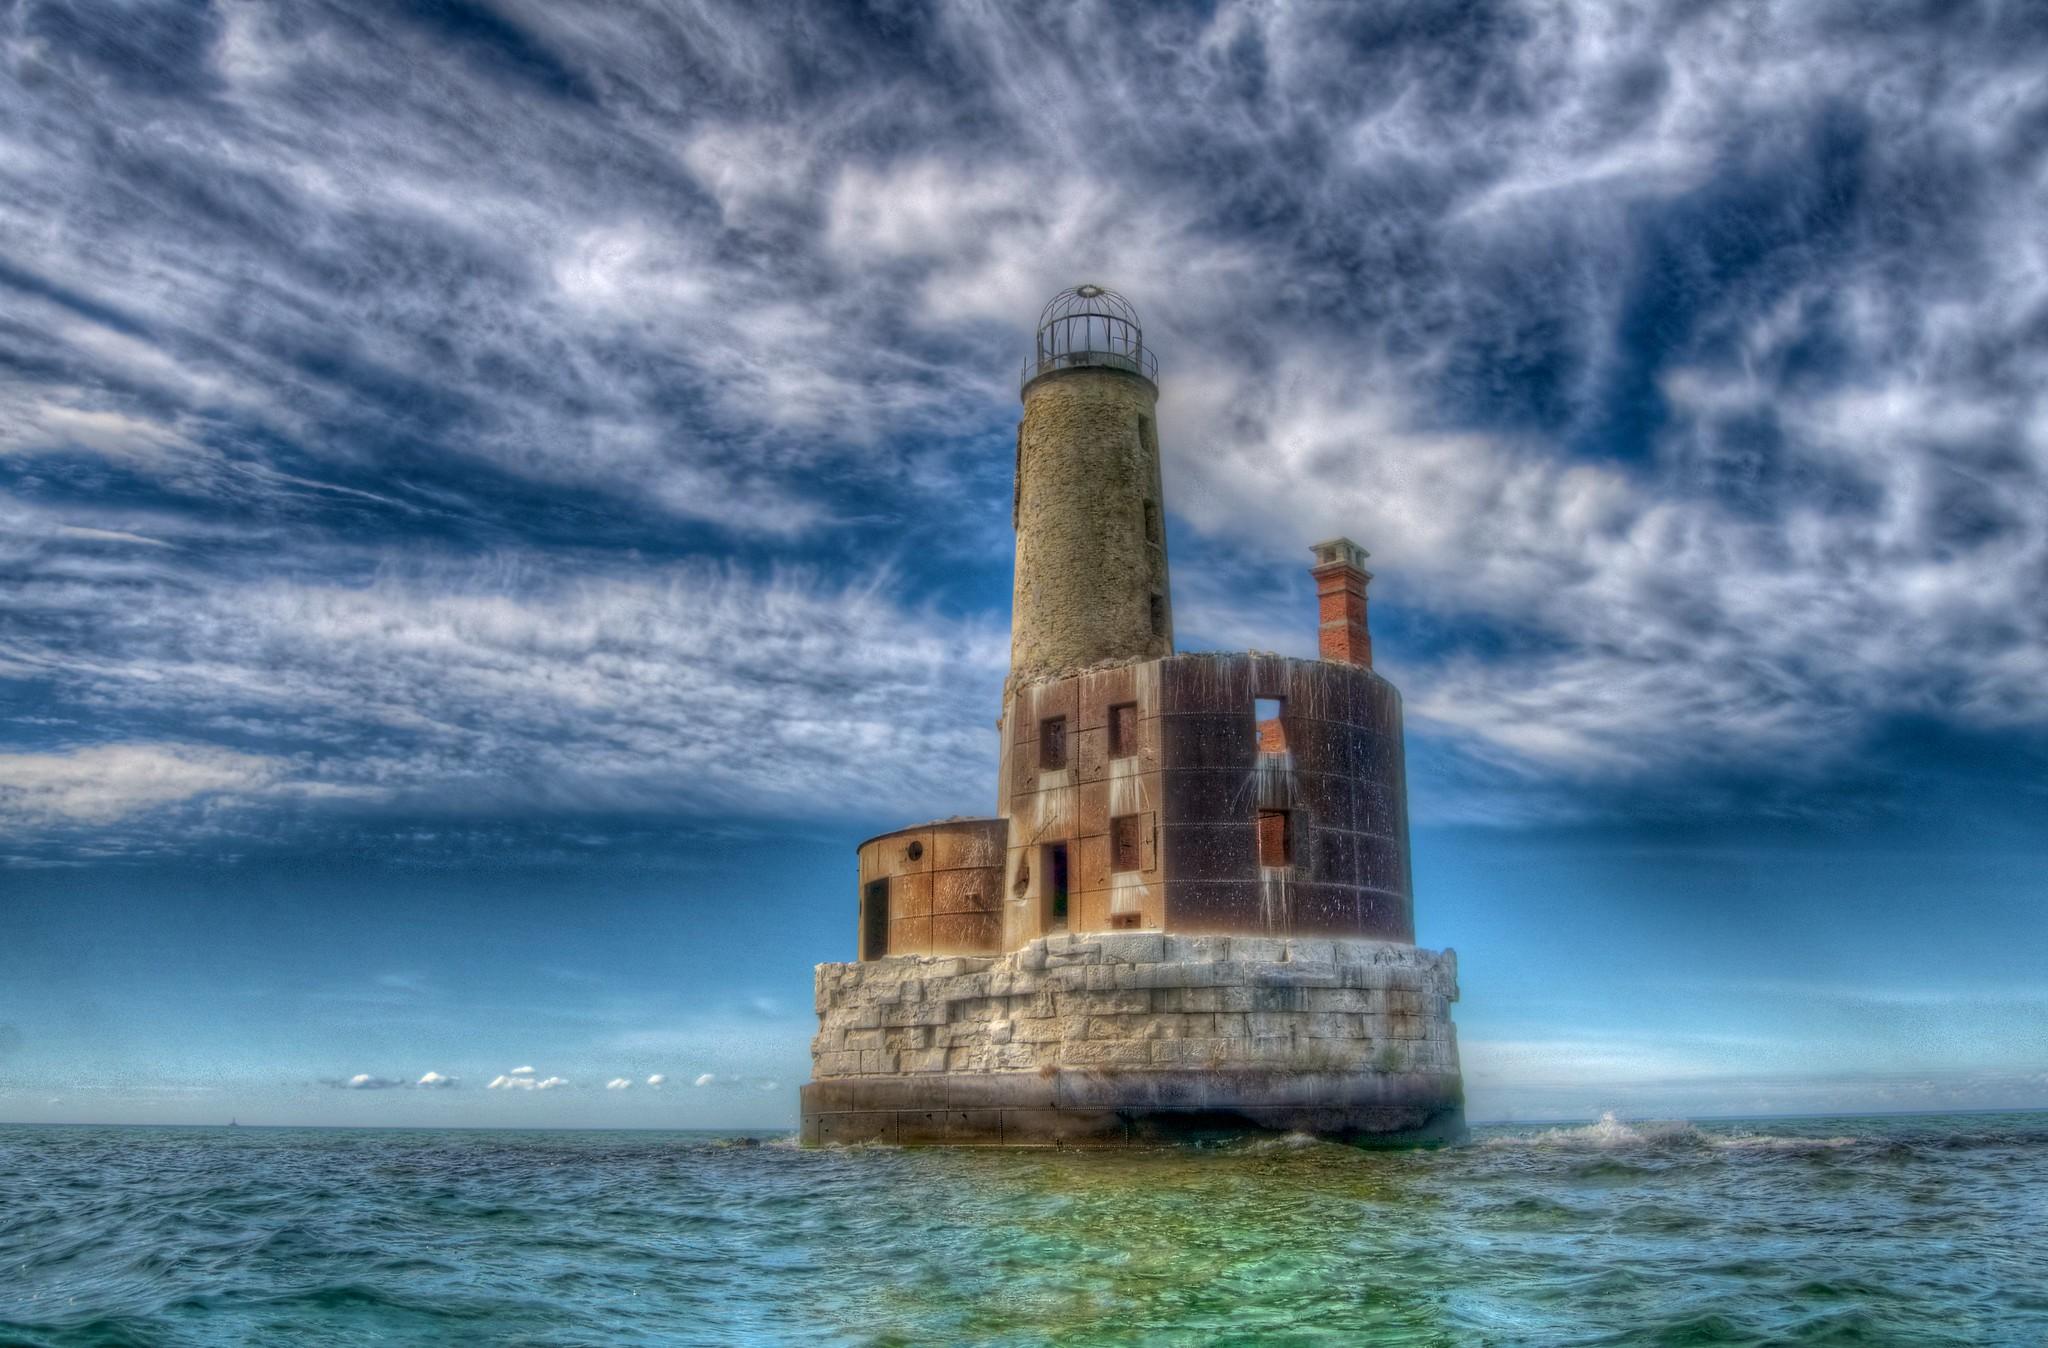 Waugoshance Lighthouse - Revision 1 by Jason Lome